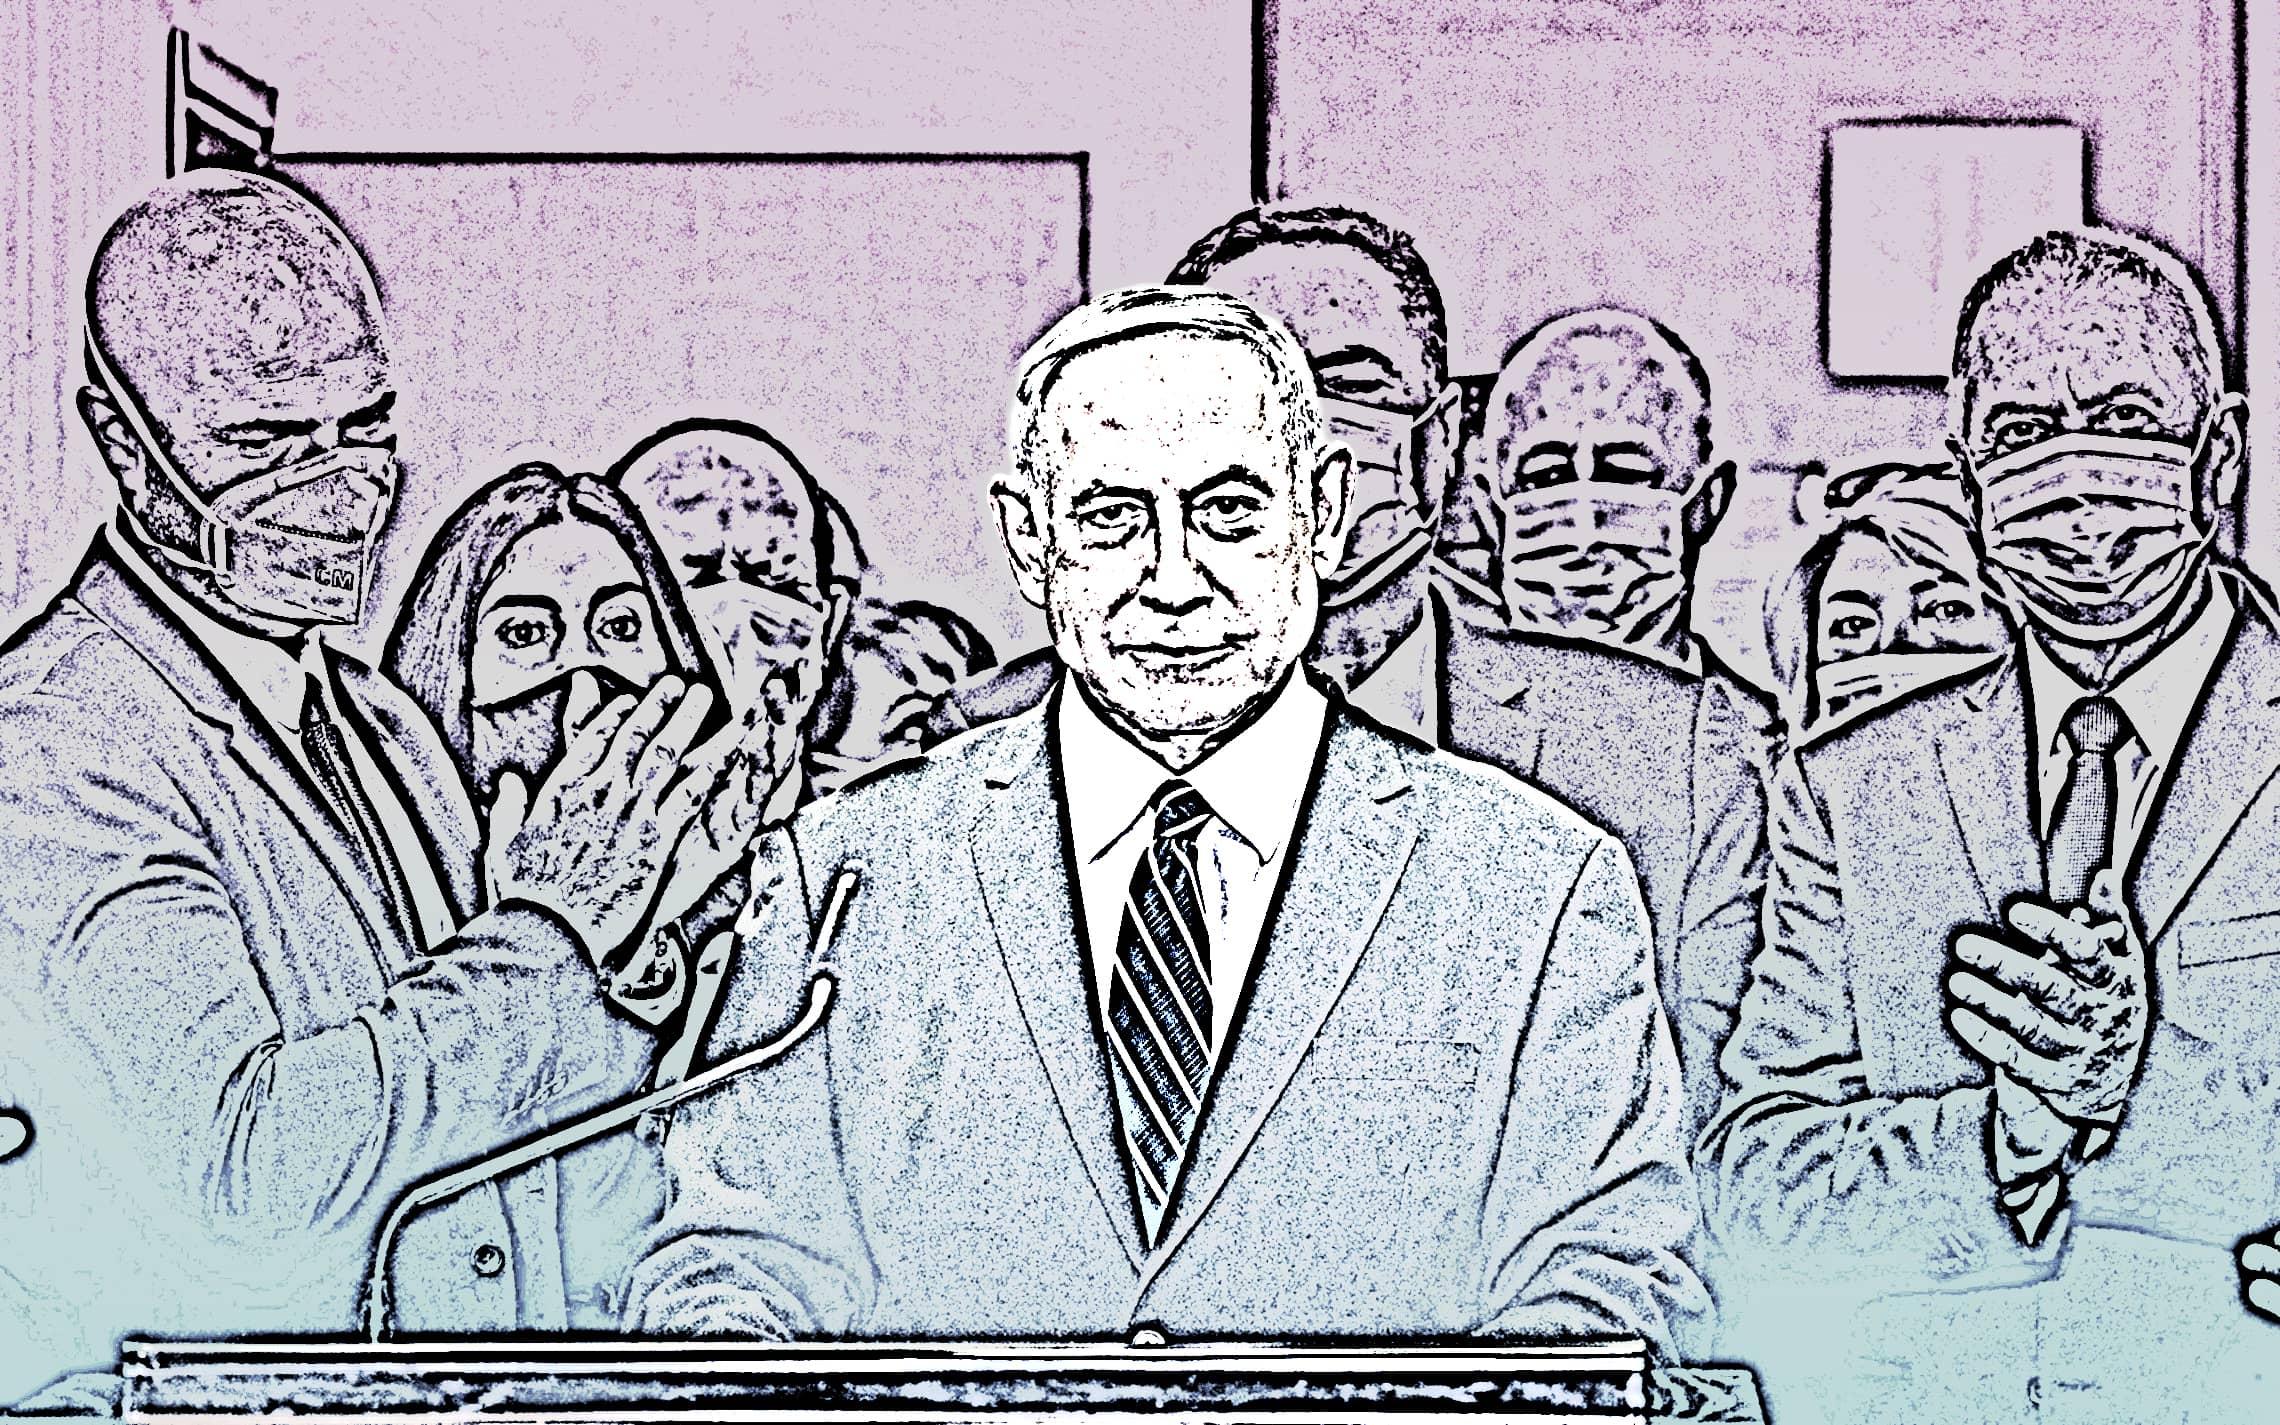 בנימין נתניהו מוקף בשרי הליכוד בבית המשפט המחוזי בירושלים, ביום פתיחת משפטו הפלילי. 24 במאי 2021 (צילום: יונתן זינדל/פלאש90, עיבוד מחשב)